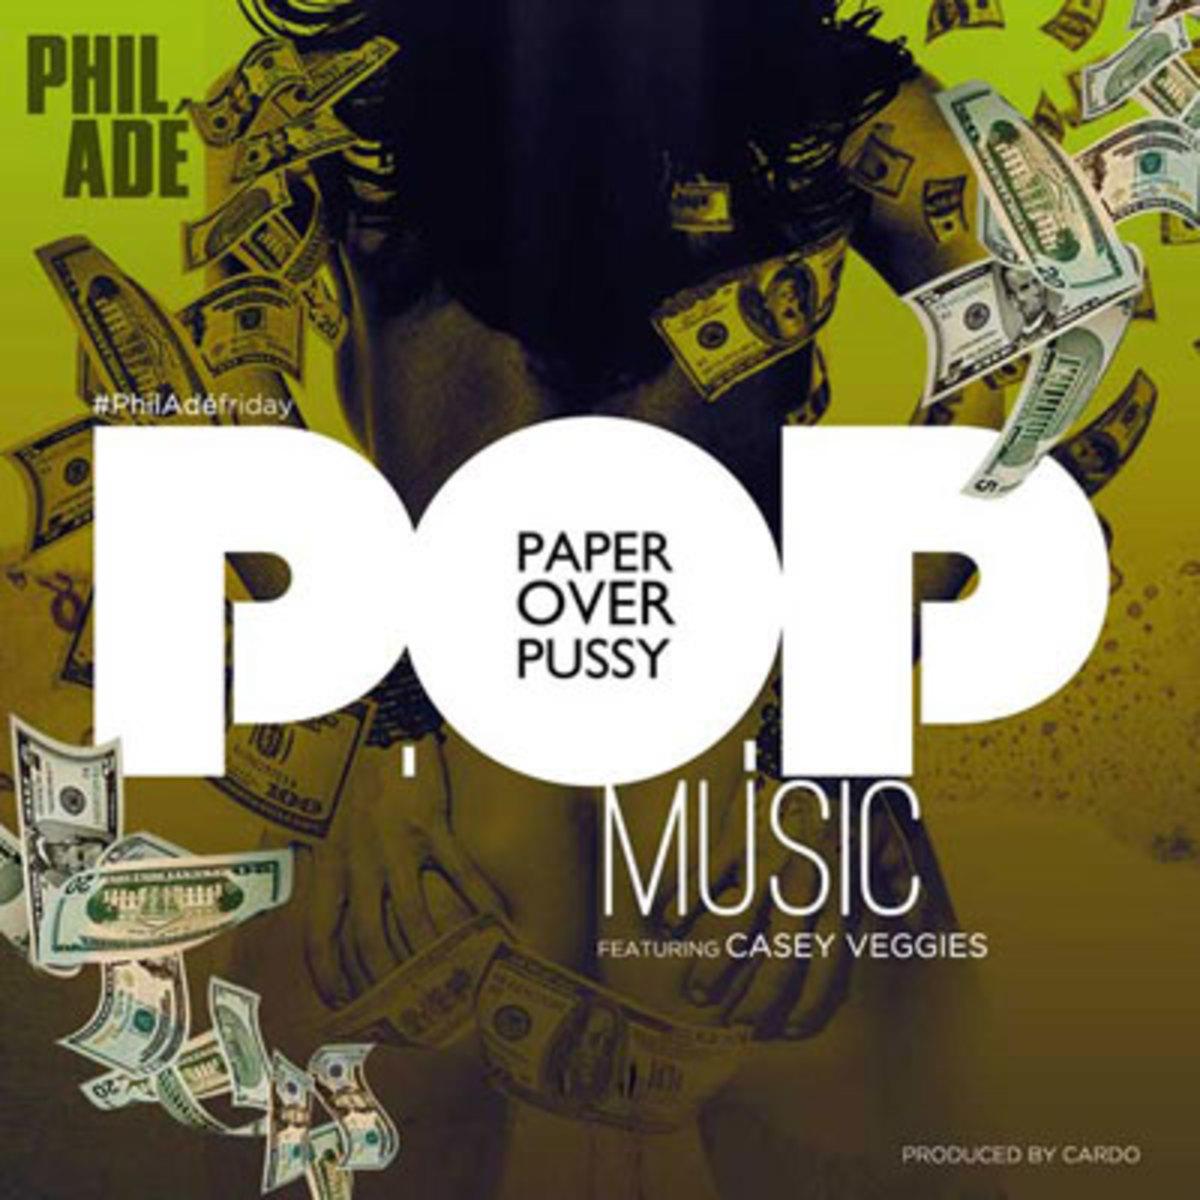 philade-popmusic.jpg